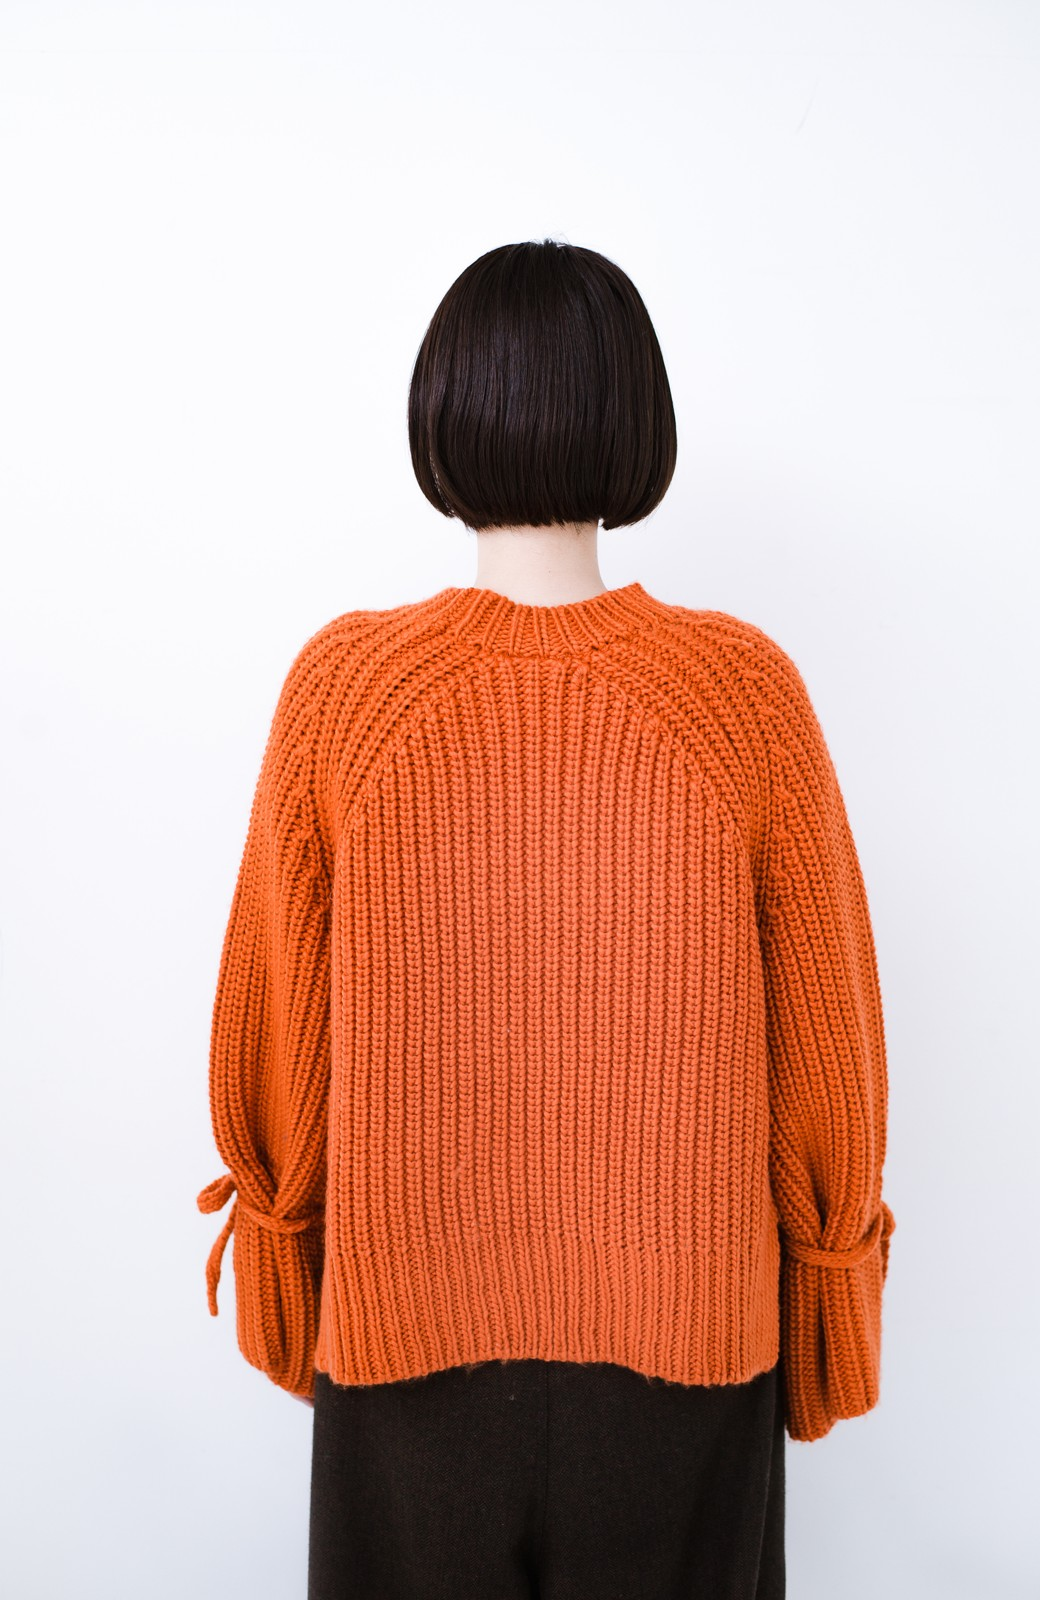 haco! <スザンヌさんコラボ>ラブ&ピースプロジェクト 袖リボンポイントの片畦編みニットトップス <オレンジ>の商品写真21